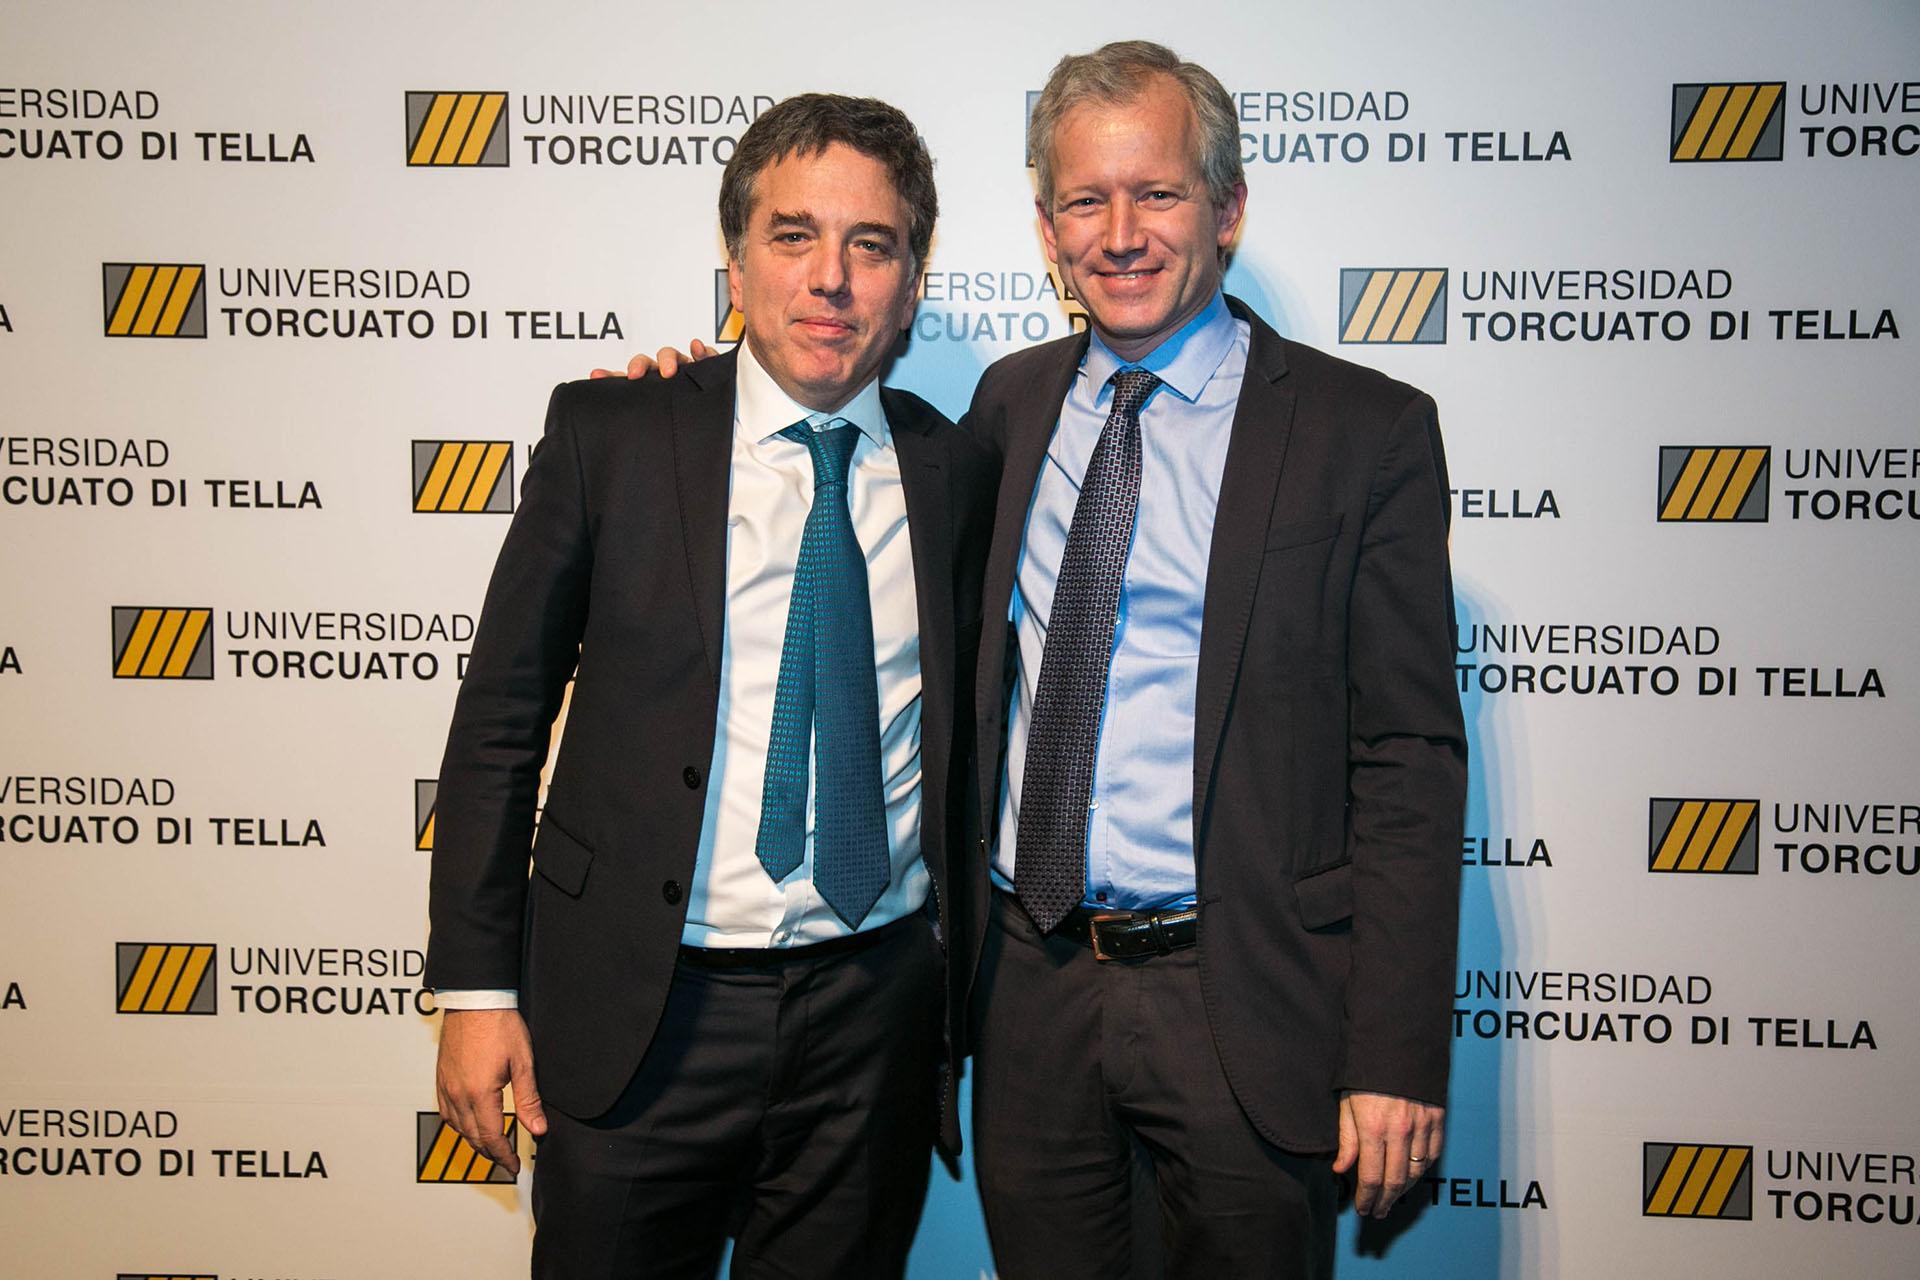 El rector de la Universidad Di Tella, Schargrodsky junto al ministro de Hacienda de la Nación, Nicolás Dujovne.